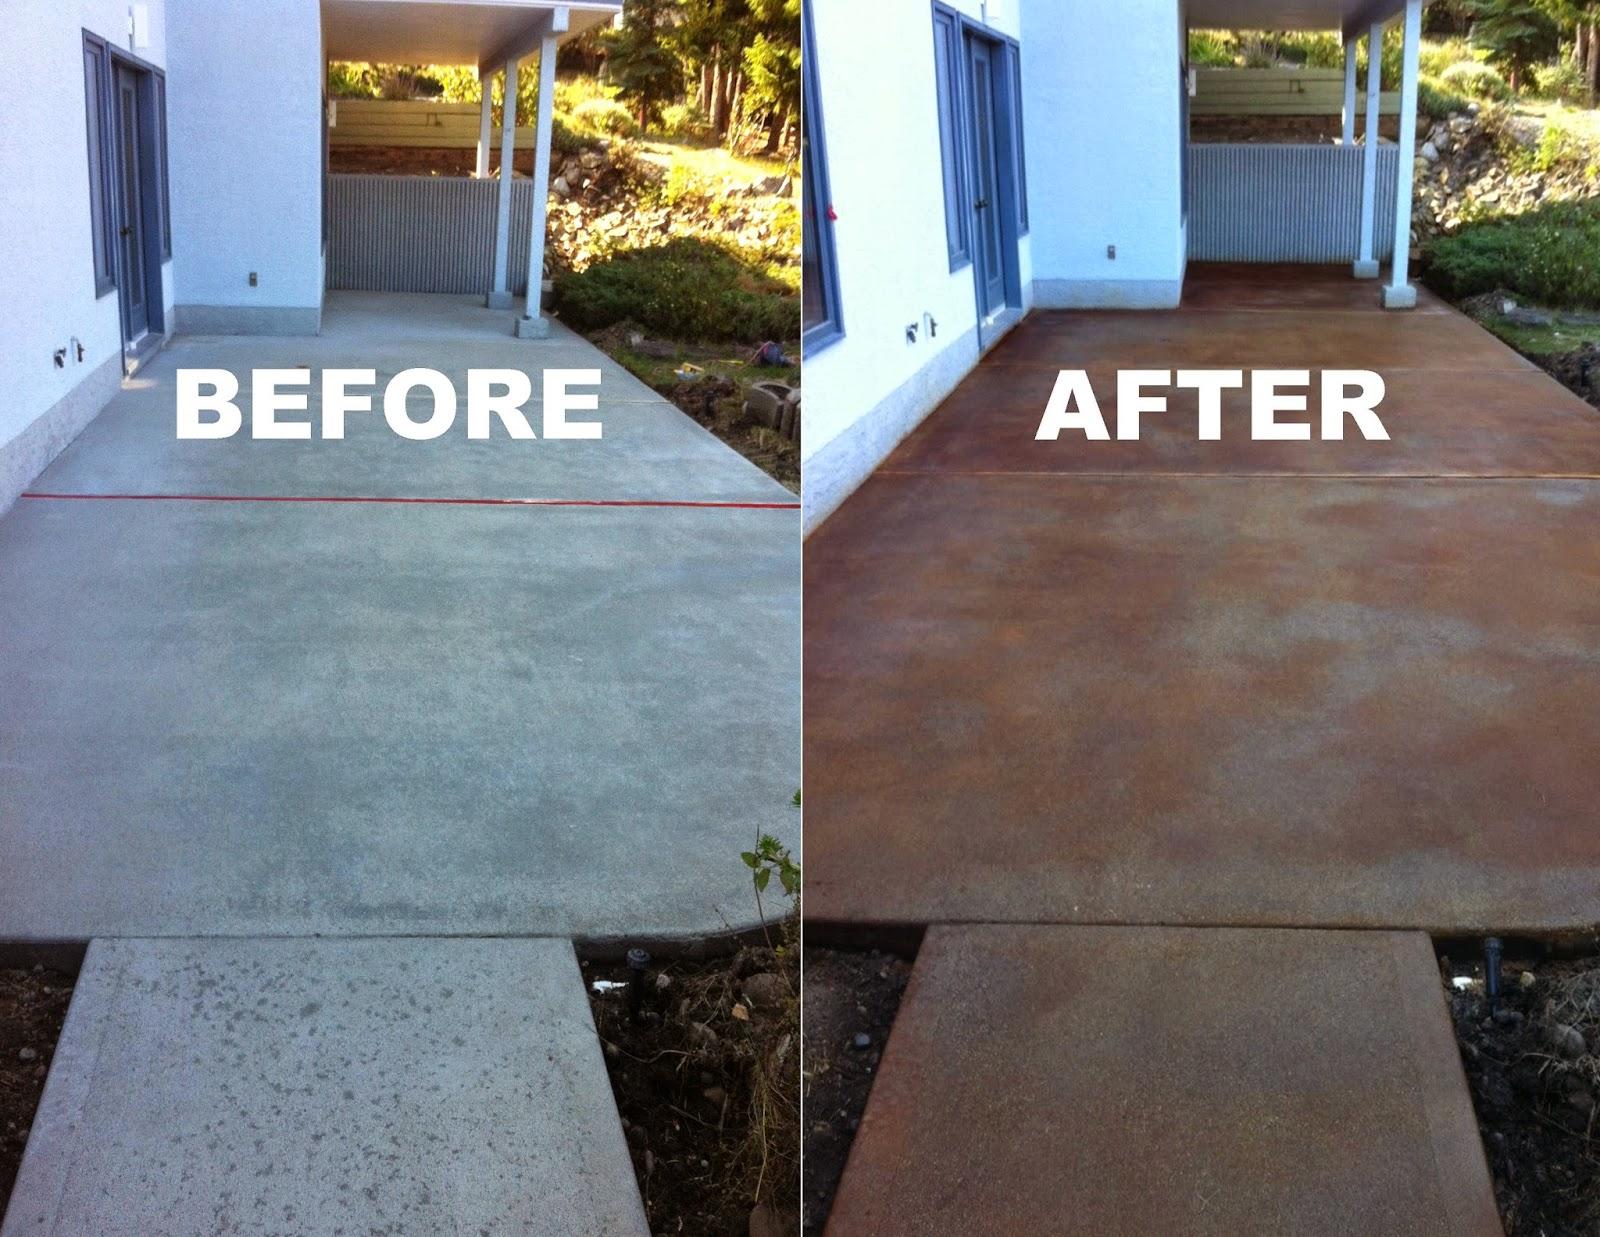 Concrete Maintenance Repair Pool Decks Driveways Patios Floors Mode Concrete  Can Help You